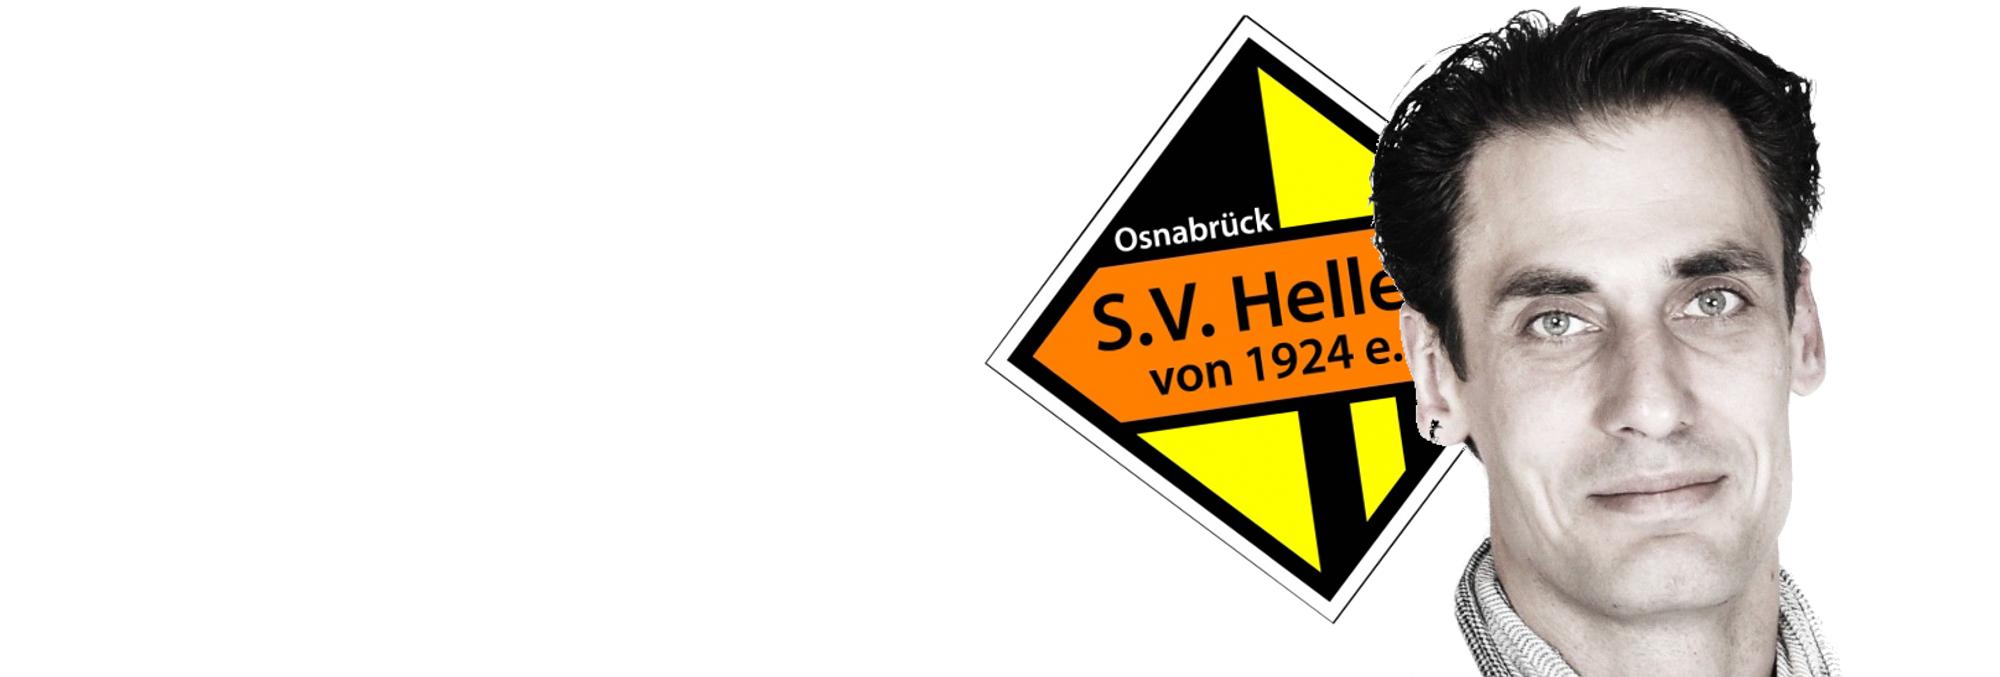 handball osnabrück